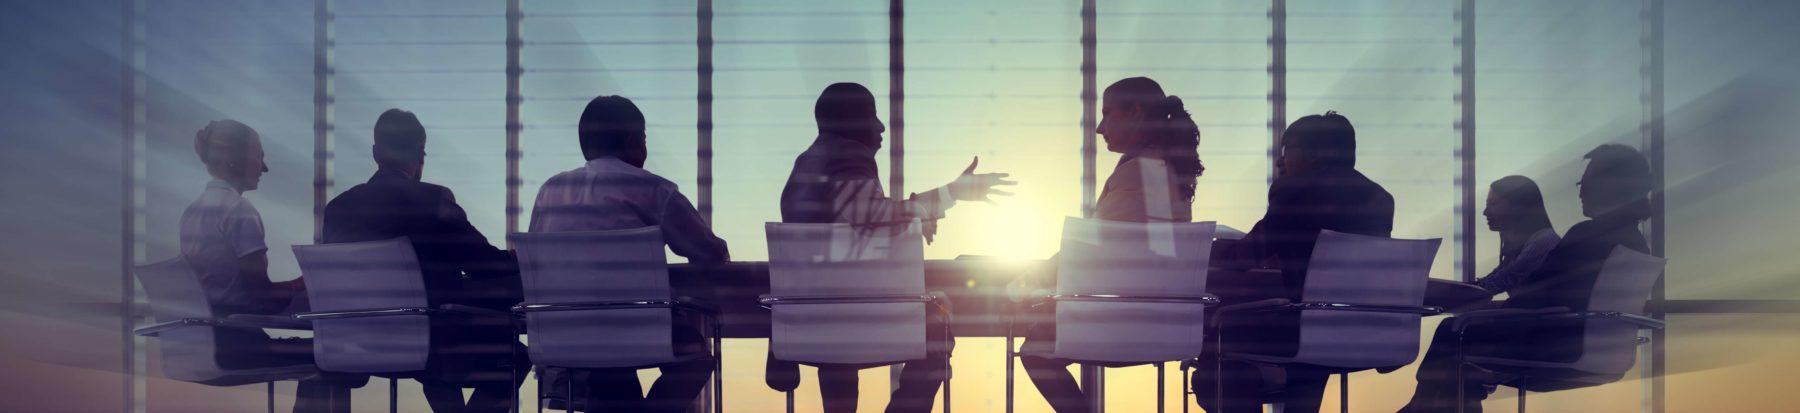 Компания «Первый Класс» Краткосрочное  бизнес - обучение для Владельцев и ТОП Менеджеров - 1klass-rf.ru